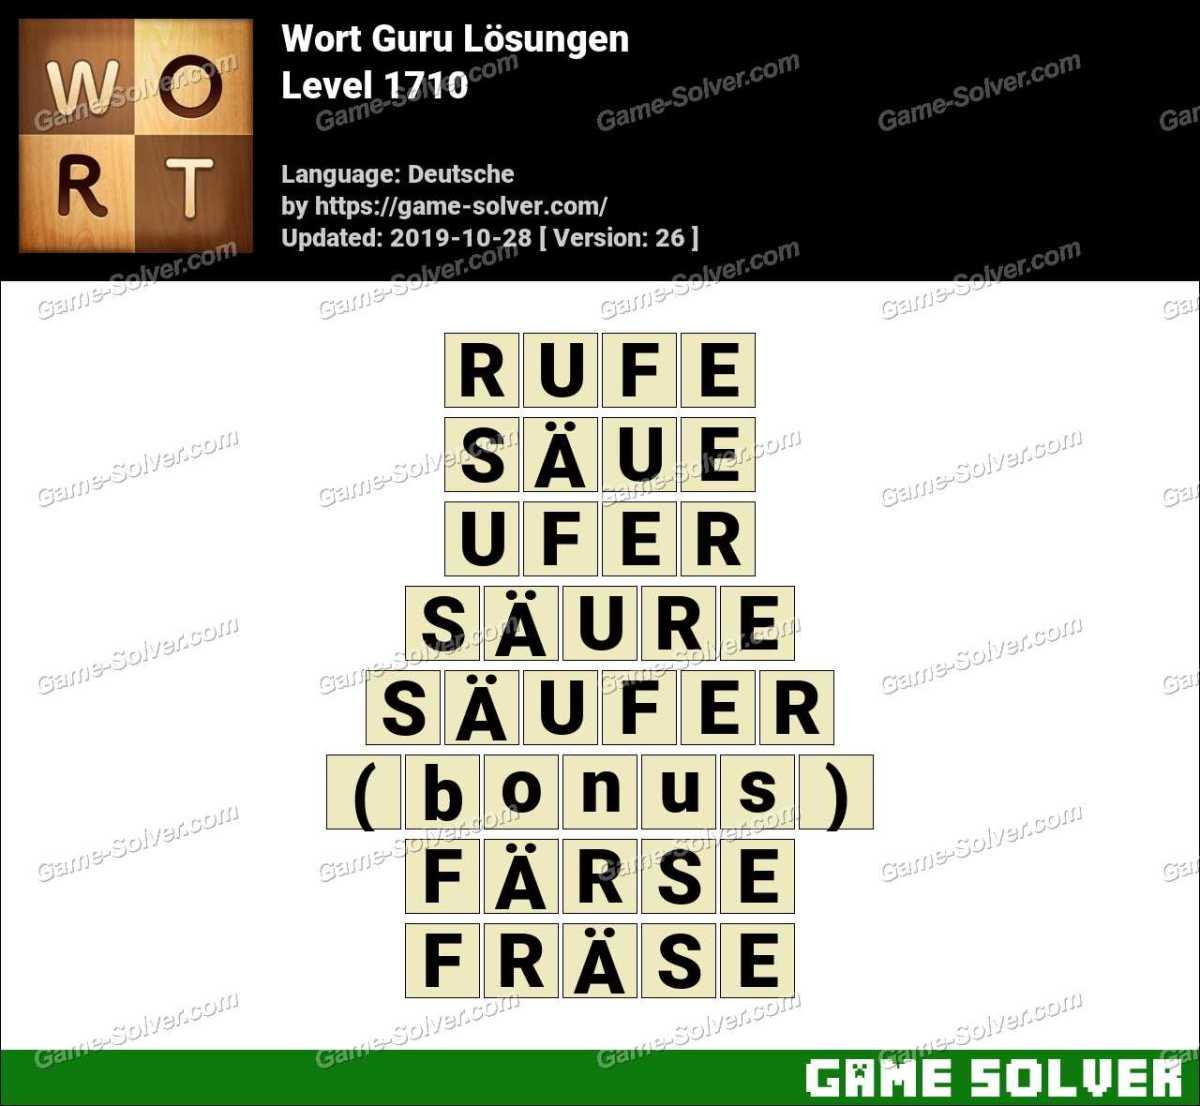 Wort Guru Level 1710 Lösungen